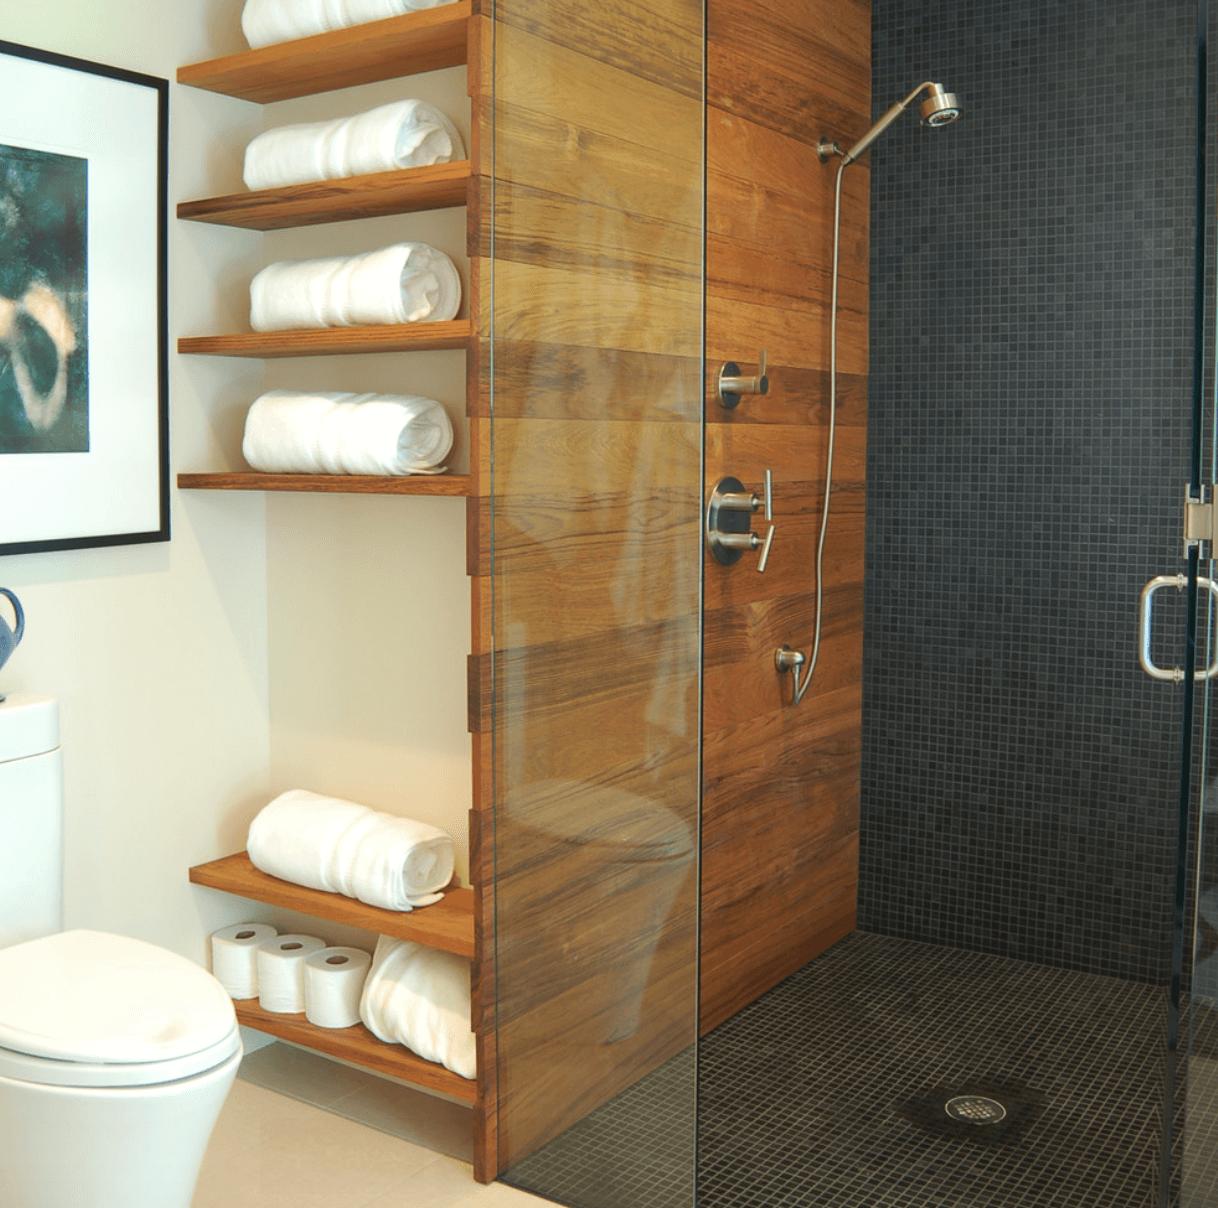 #956B36 Banheiro Featured Pastilhas pisos e revestimentos 1218x1208 px Banheiros Bonitos Fotos 1519